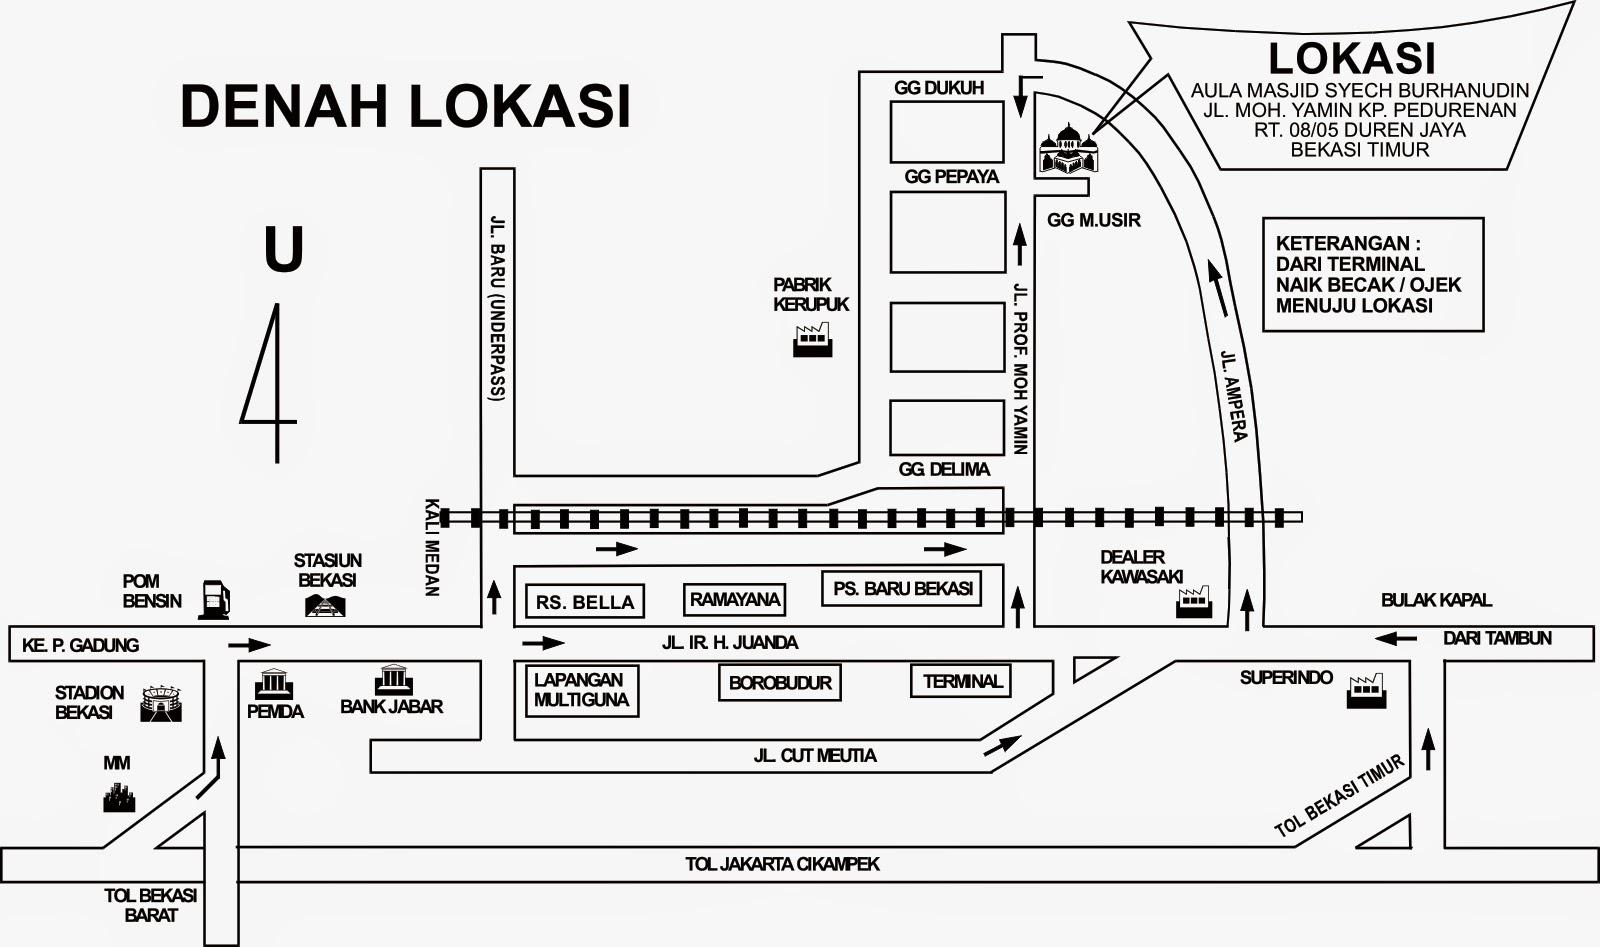 Denah Kp Pedurenan Duren Jaya Bekasi Timur